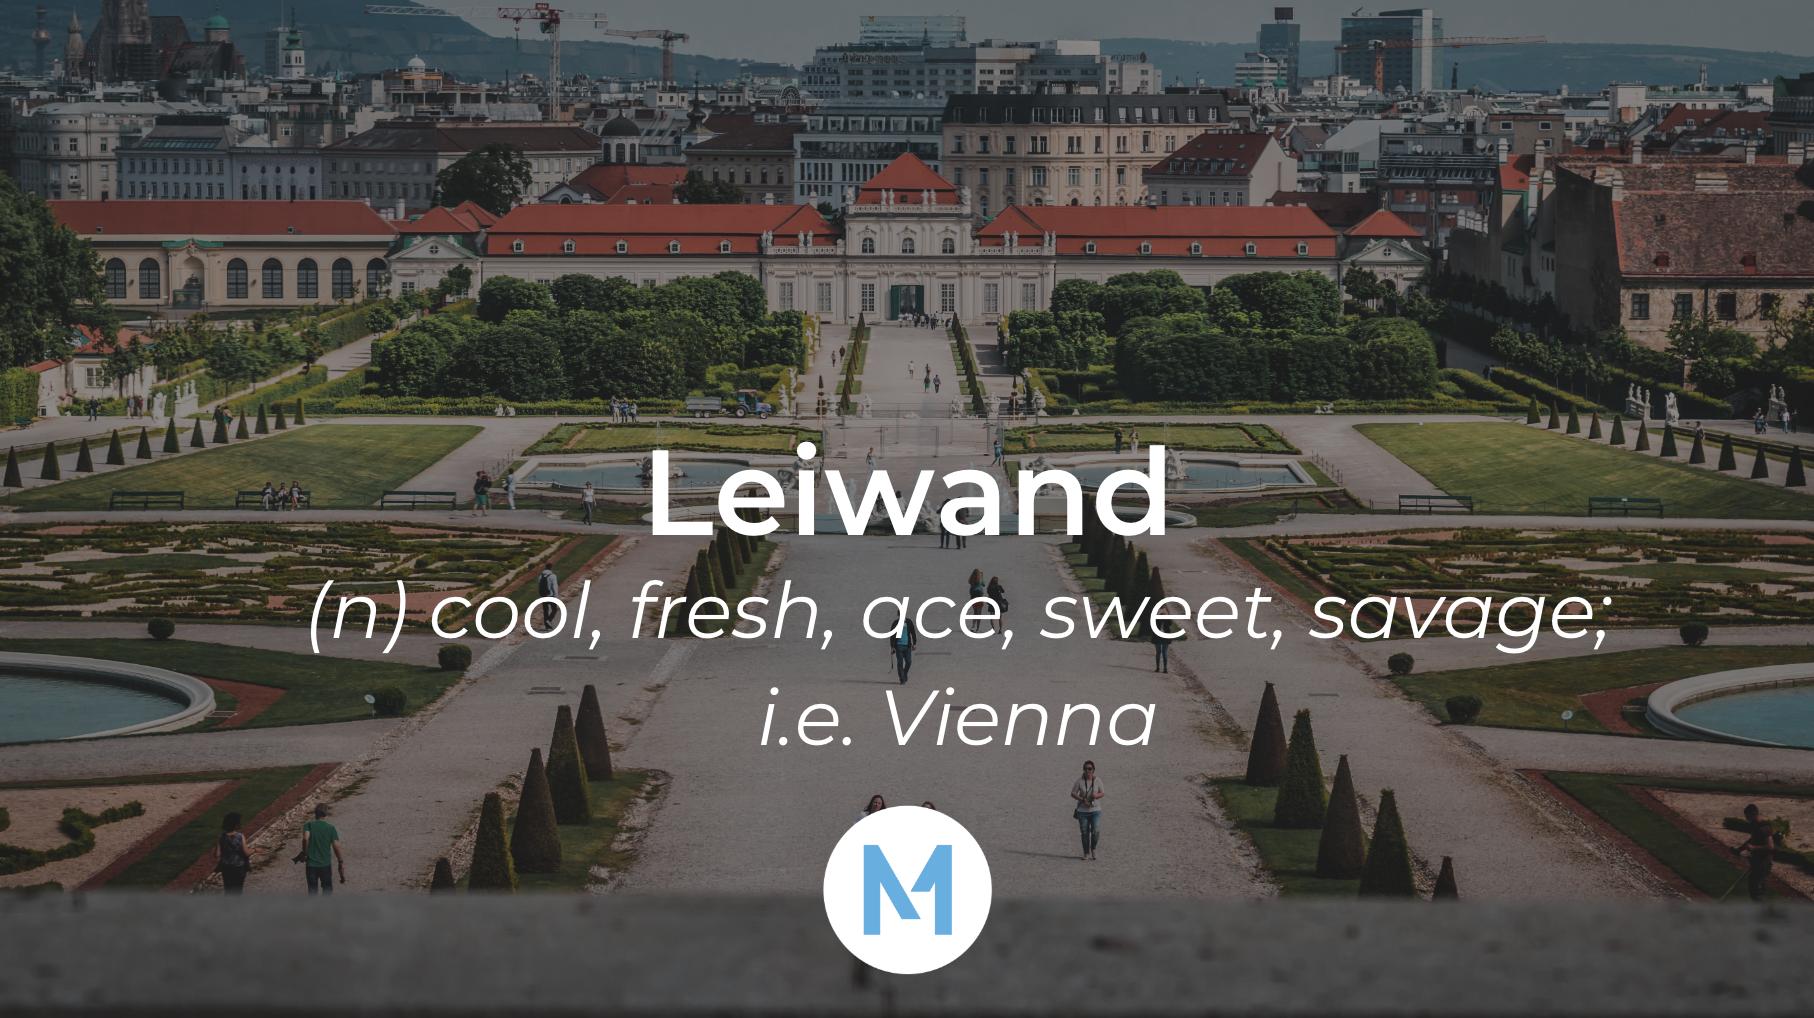 Viennese words